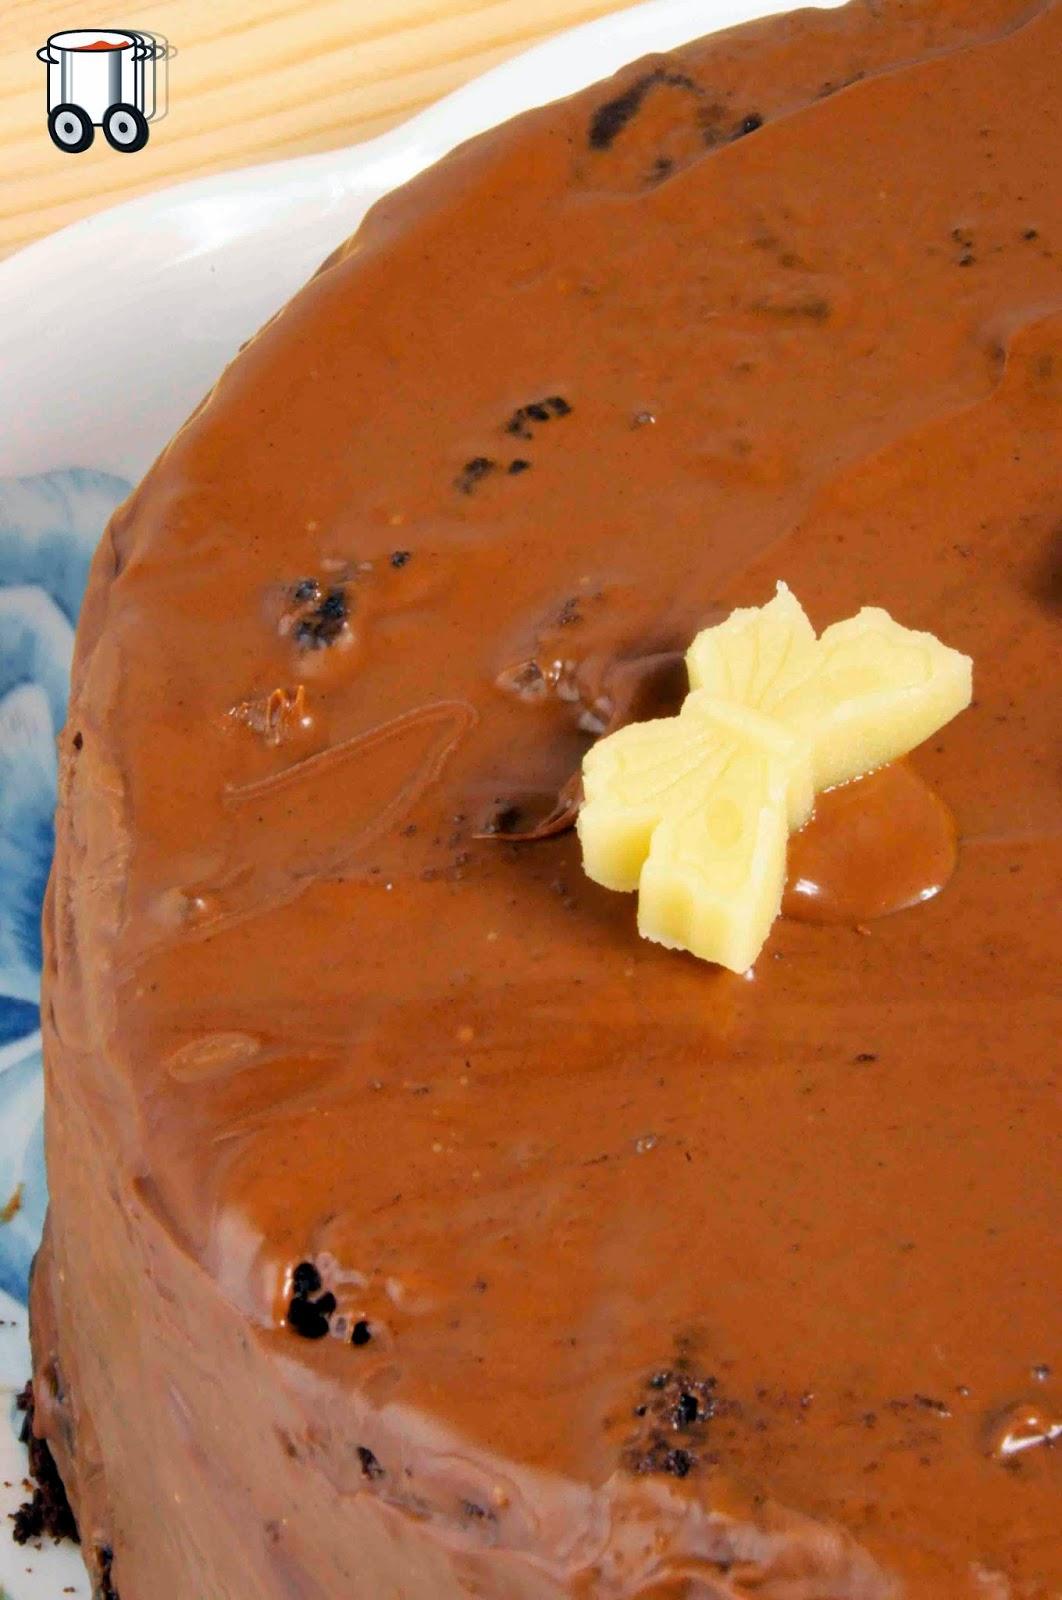 Szybko Tanio Smacznie - Tort obłędnie czekoladowy